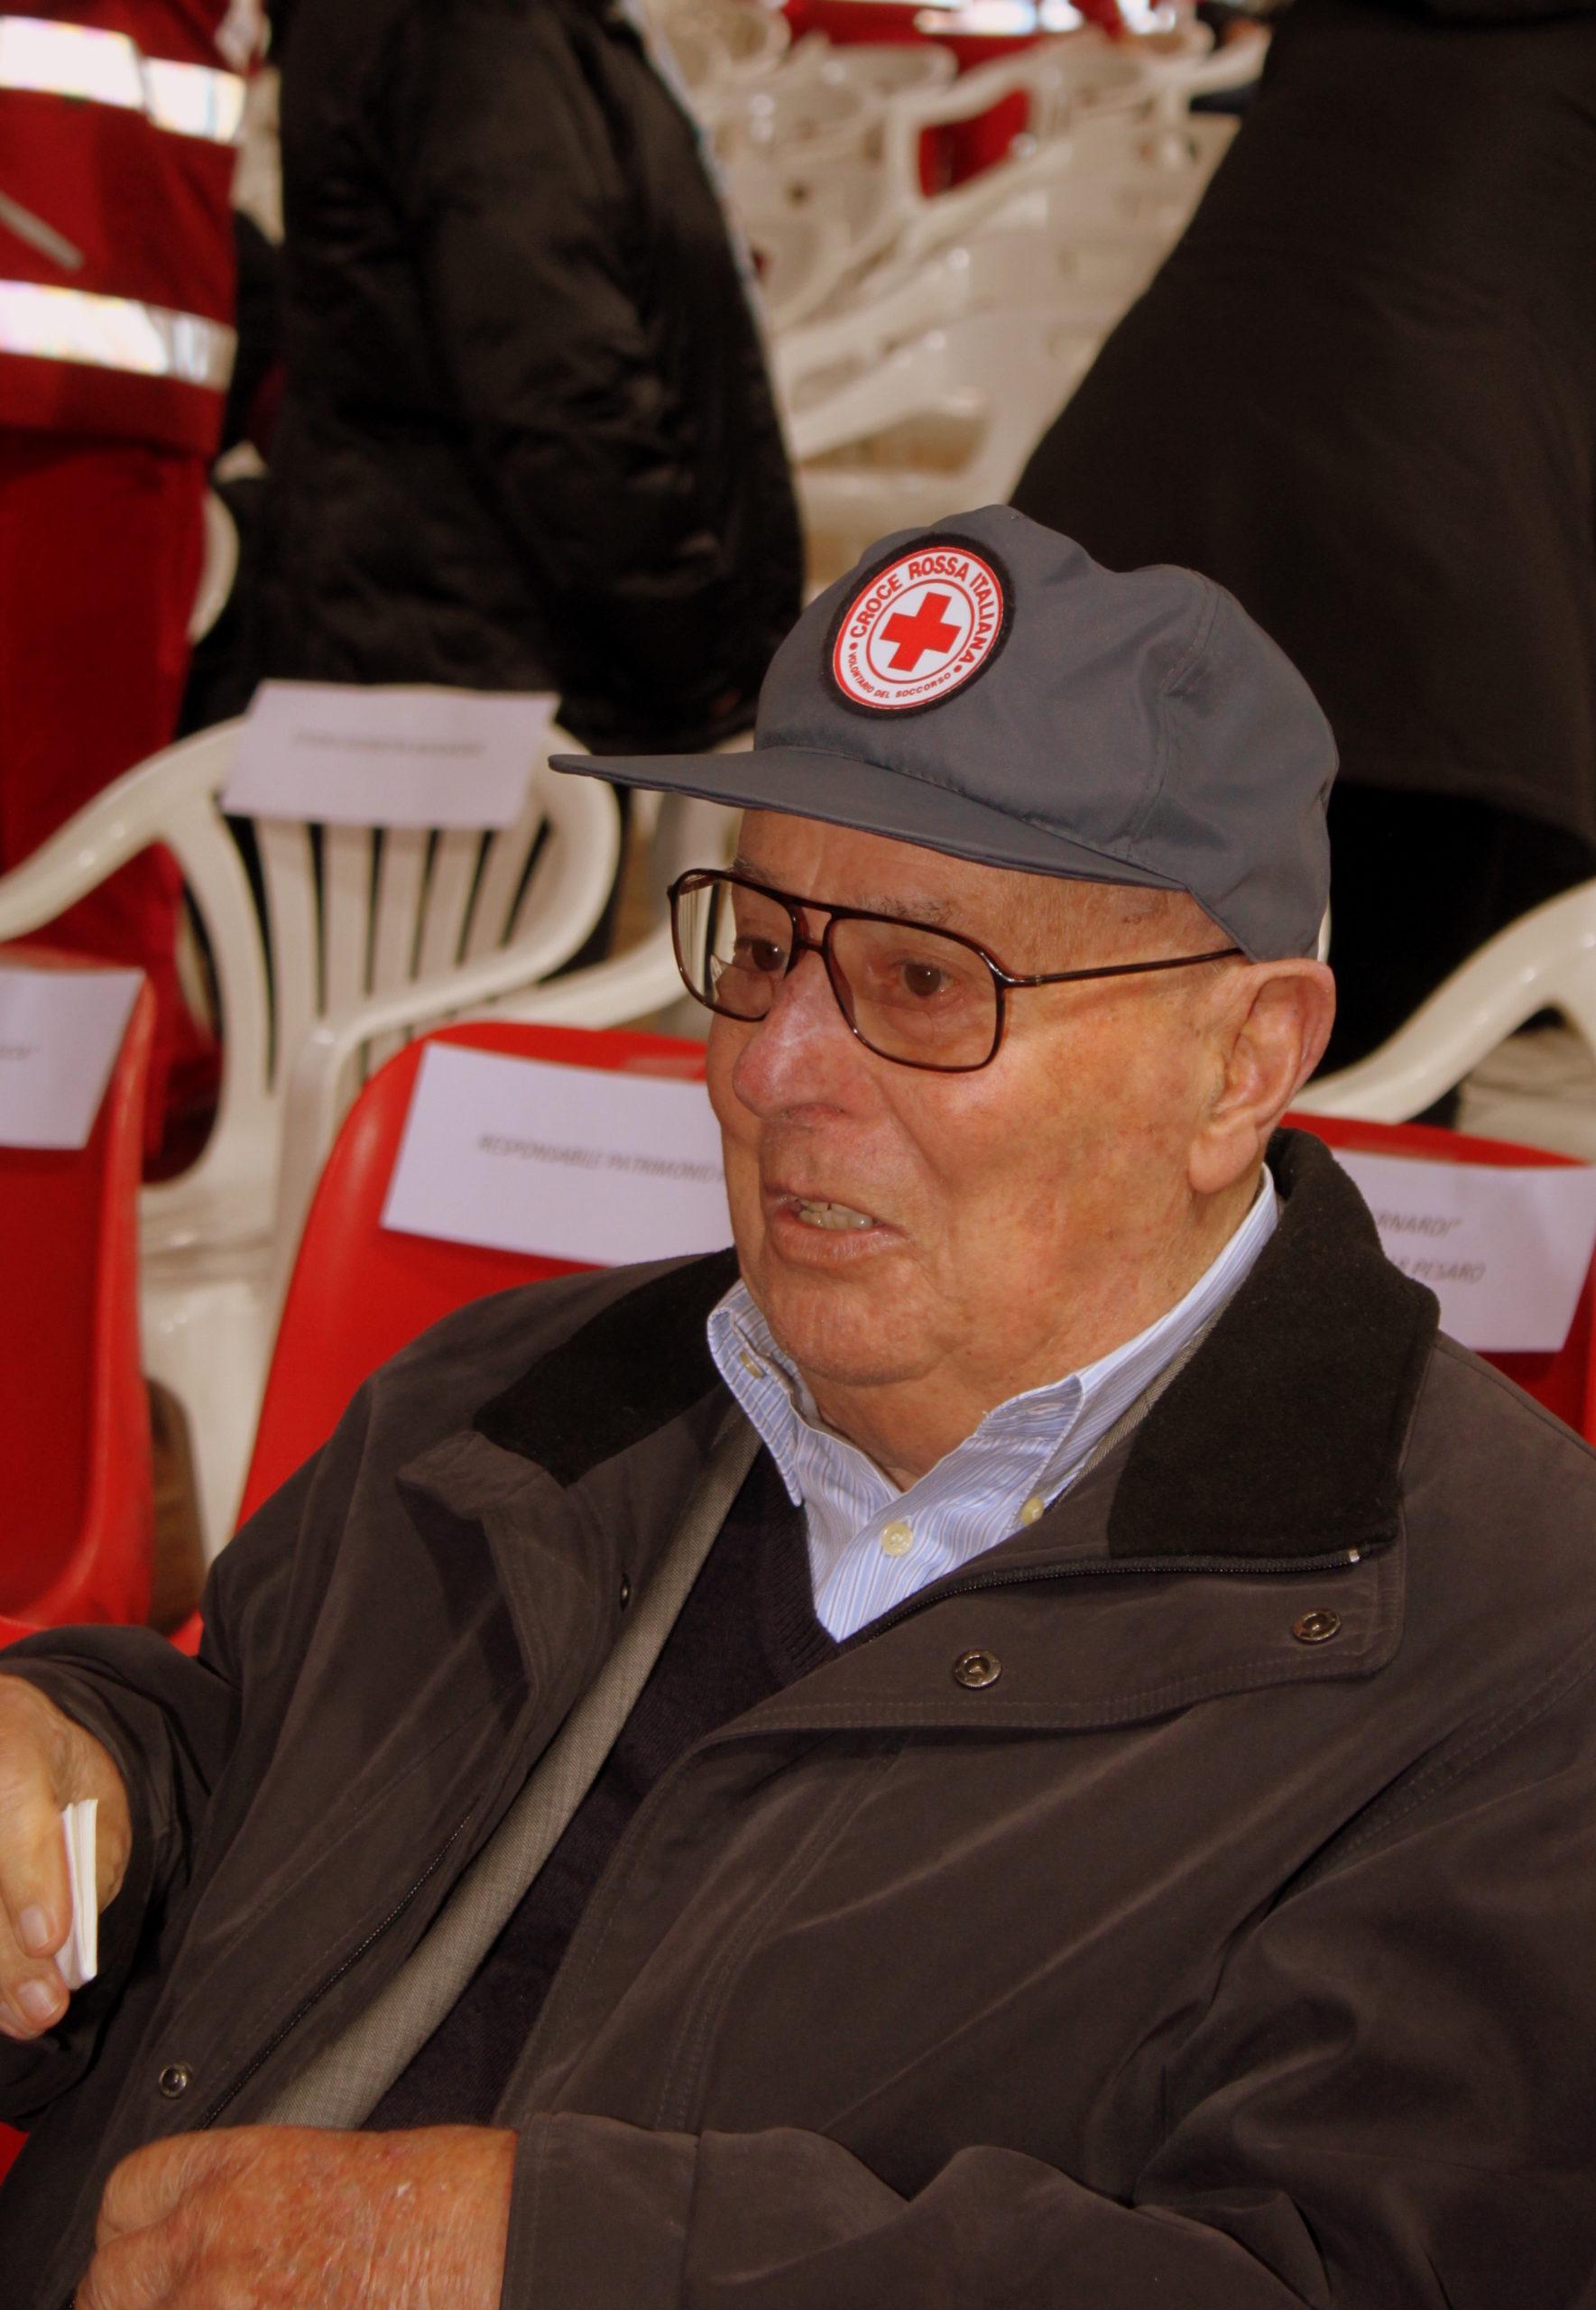 Marcello Seri